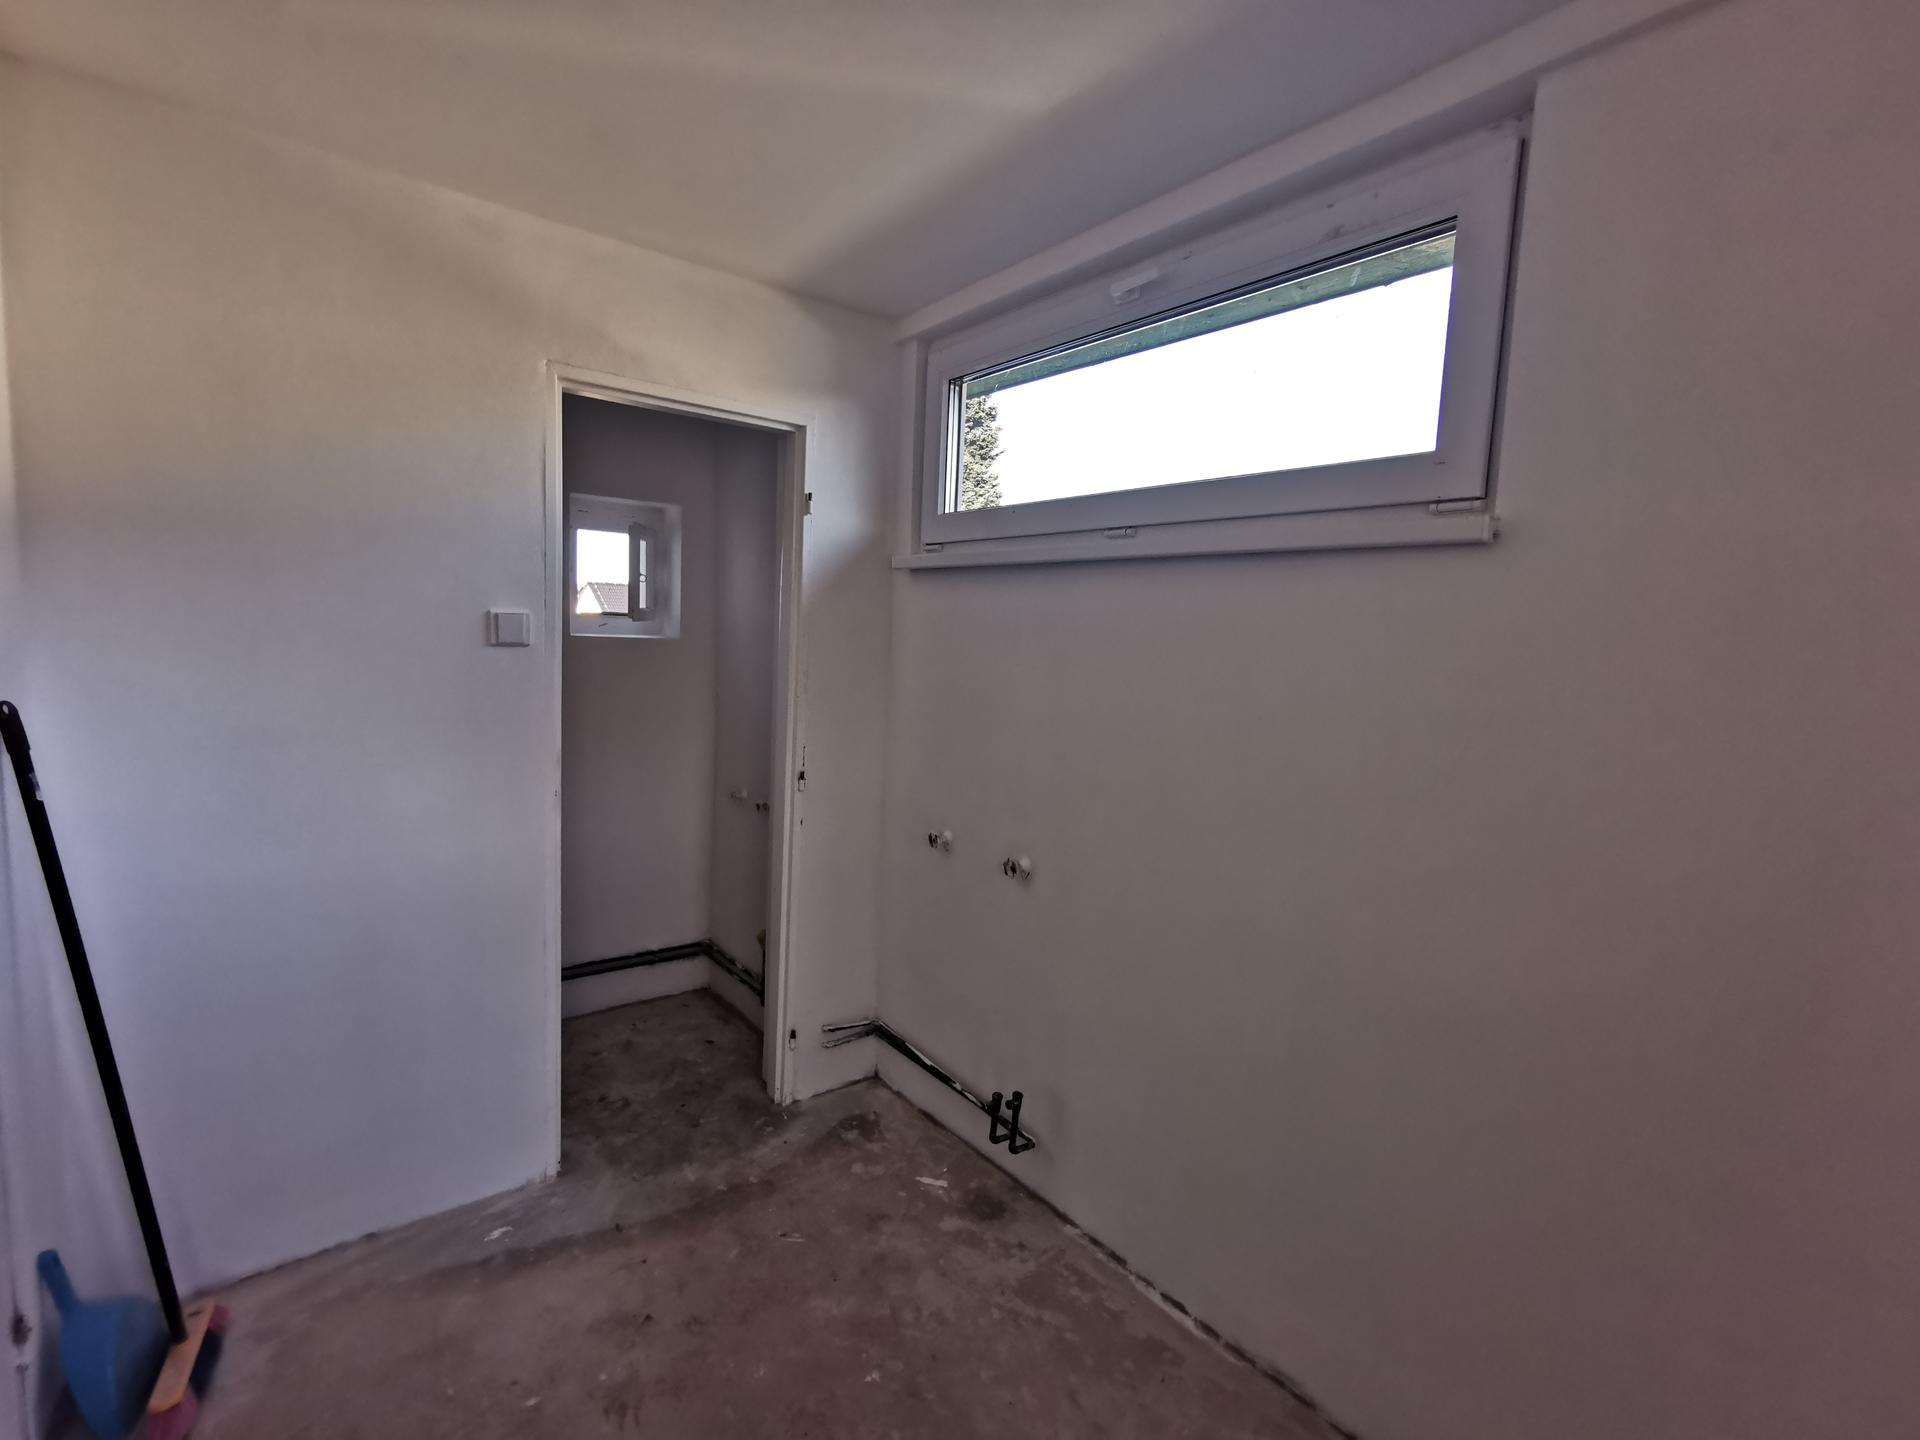 Kuchyně - rekonstrukce - Zádveří si ještě na podlahu počká. Rozhodli jsme se vyměnit i vstupní dveře. KDYŽ UŽ, TAK UŽ! 😊